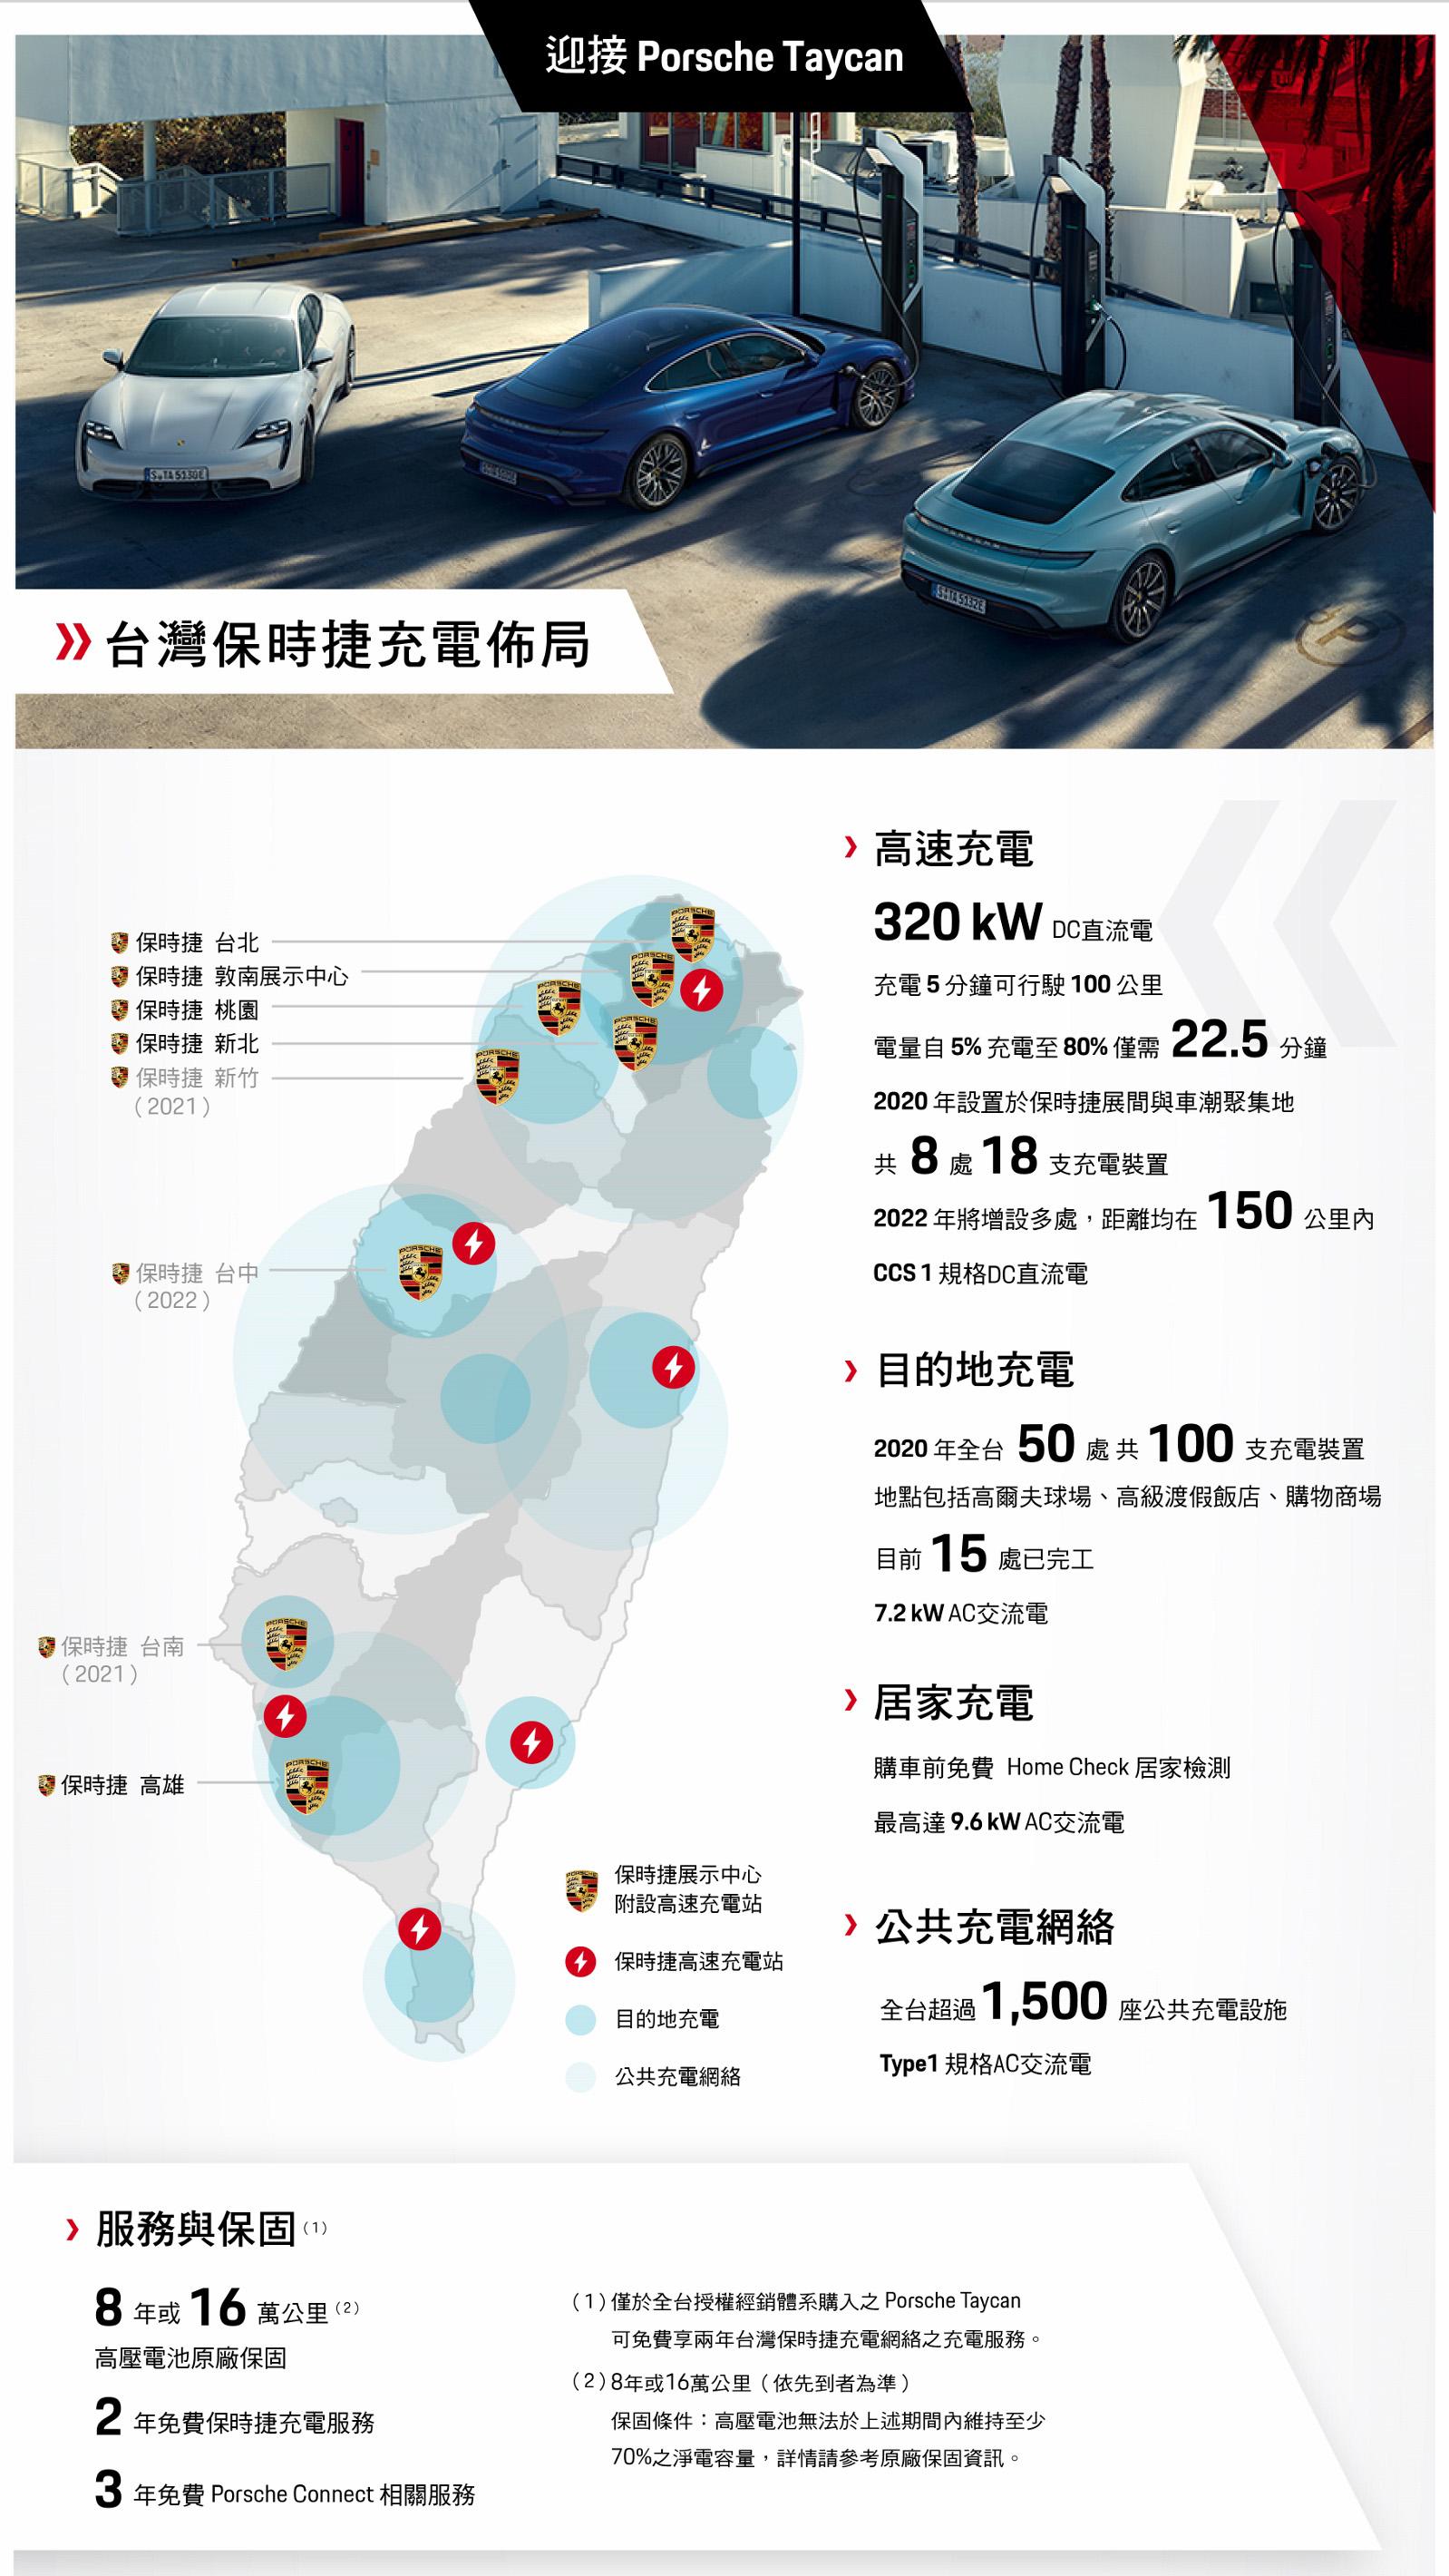 保時捷截至 2020 年底,全台灣共有 8 座高速充電站與 50 處目的地充電站,2021 年持續新增站數。